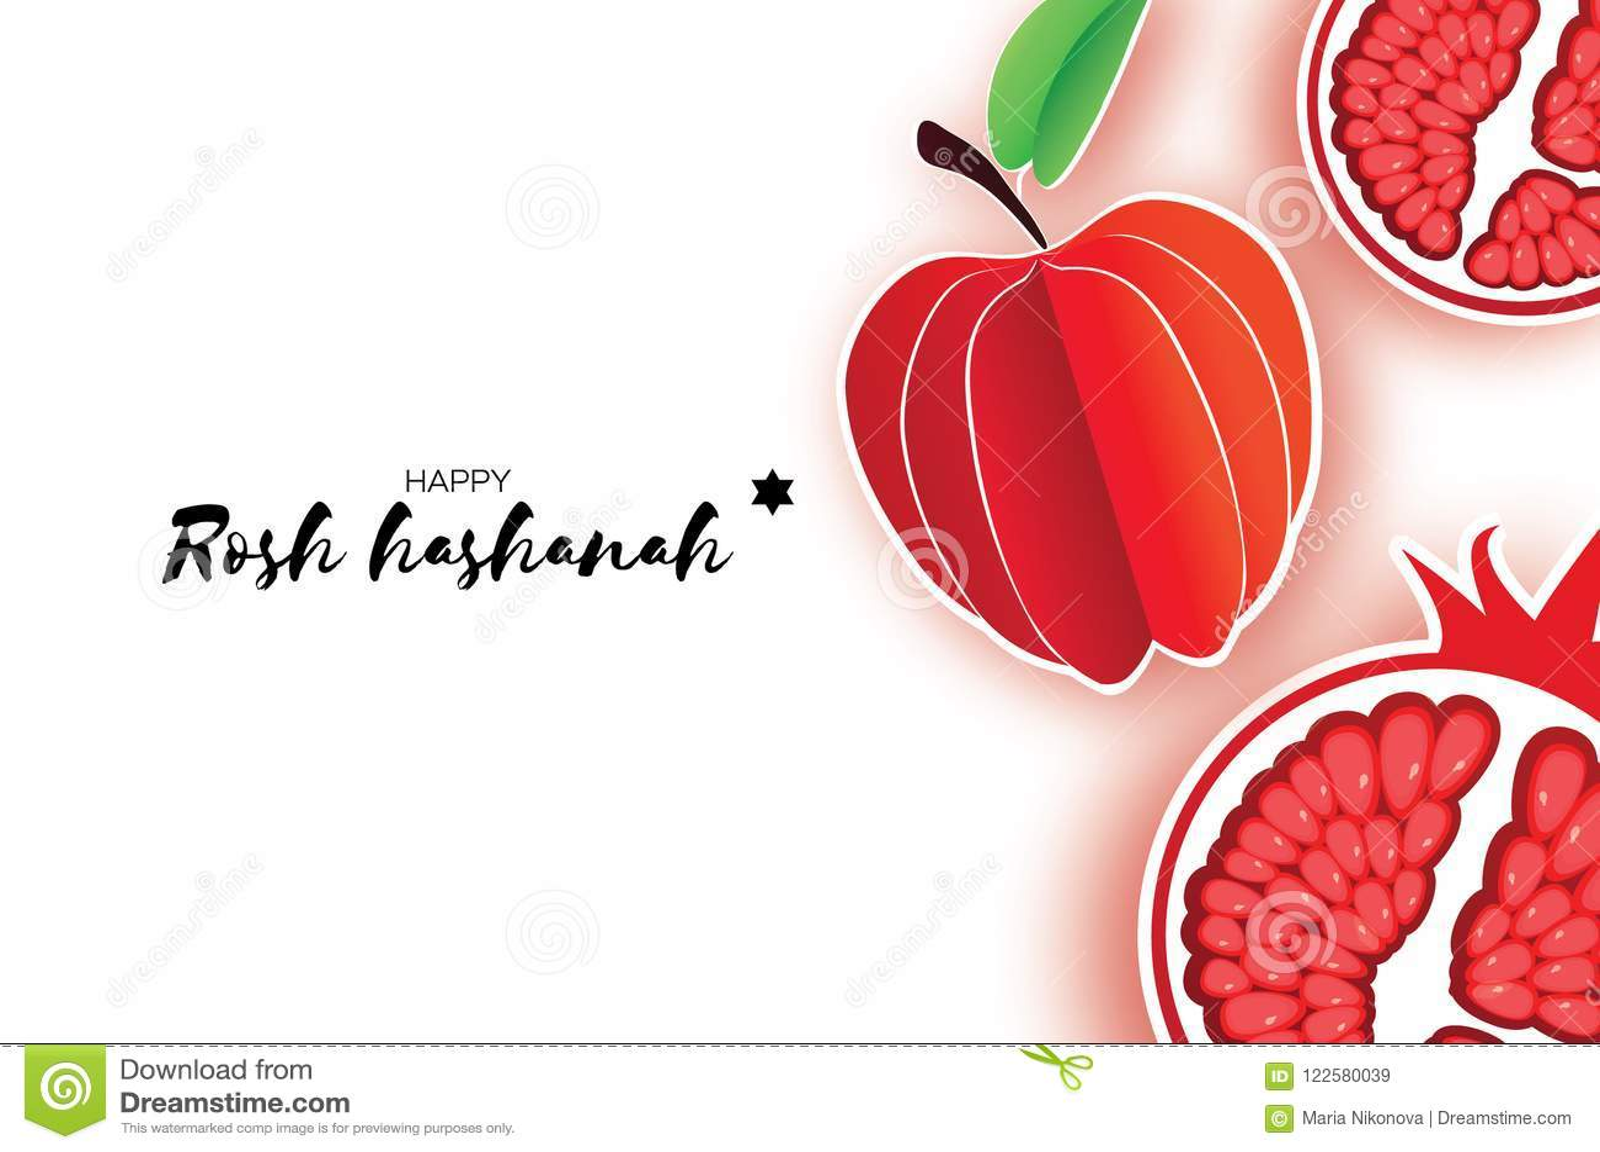 Red Ripe Pomegranate And Apple Jewish New Year Rosh Hashanah